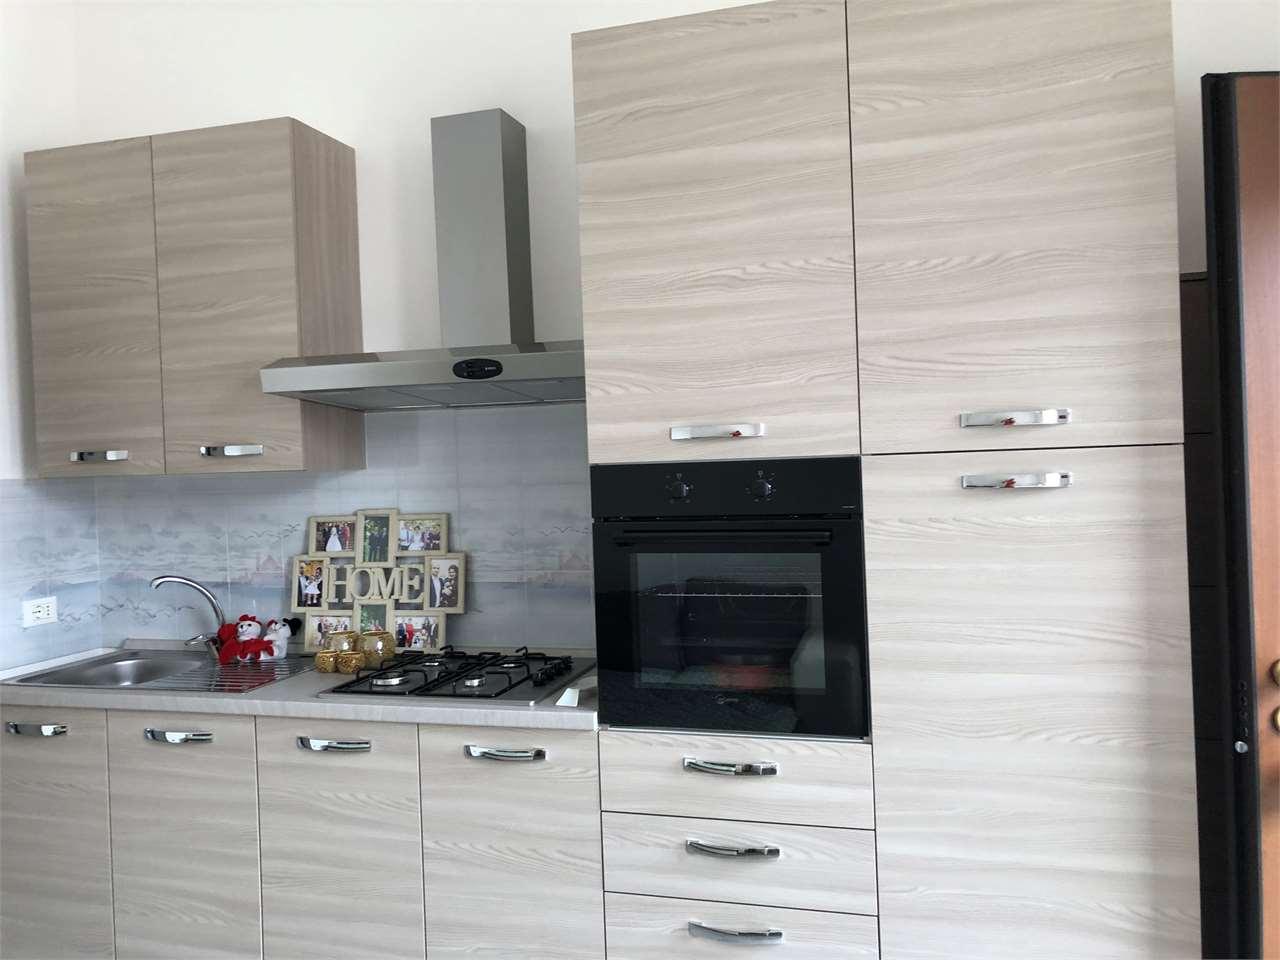 Appartamento in vendita a Cirimido, 2 locali, prezzo € 60.000 | CambioCasa.it